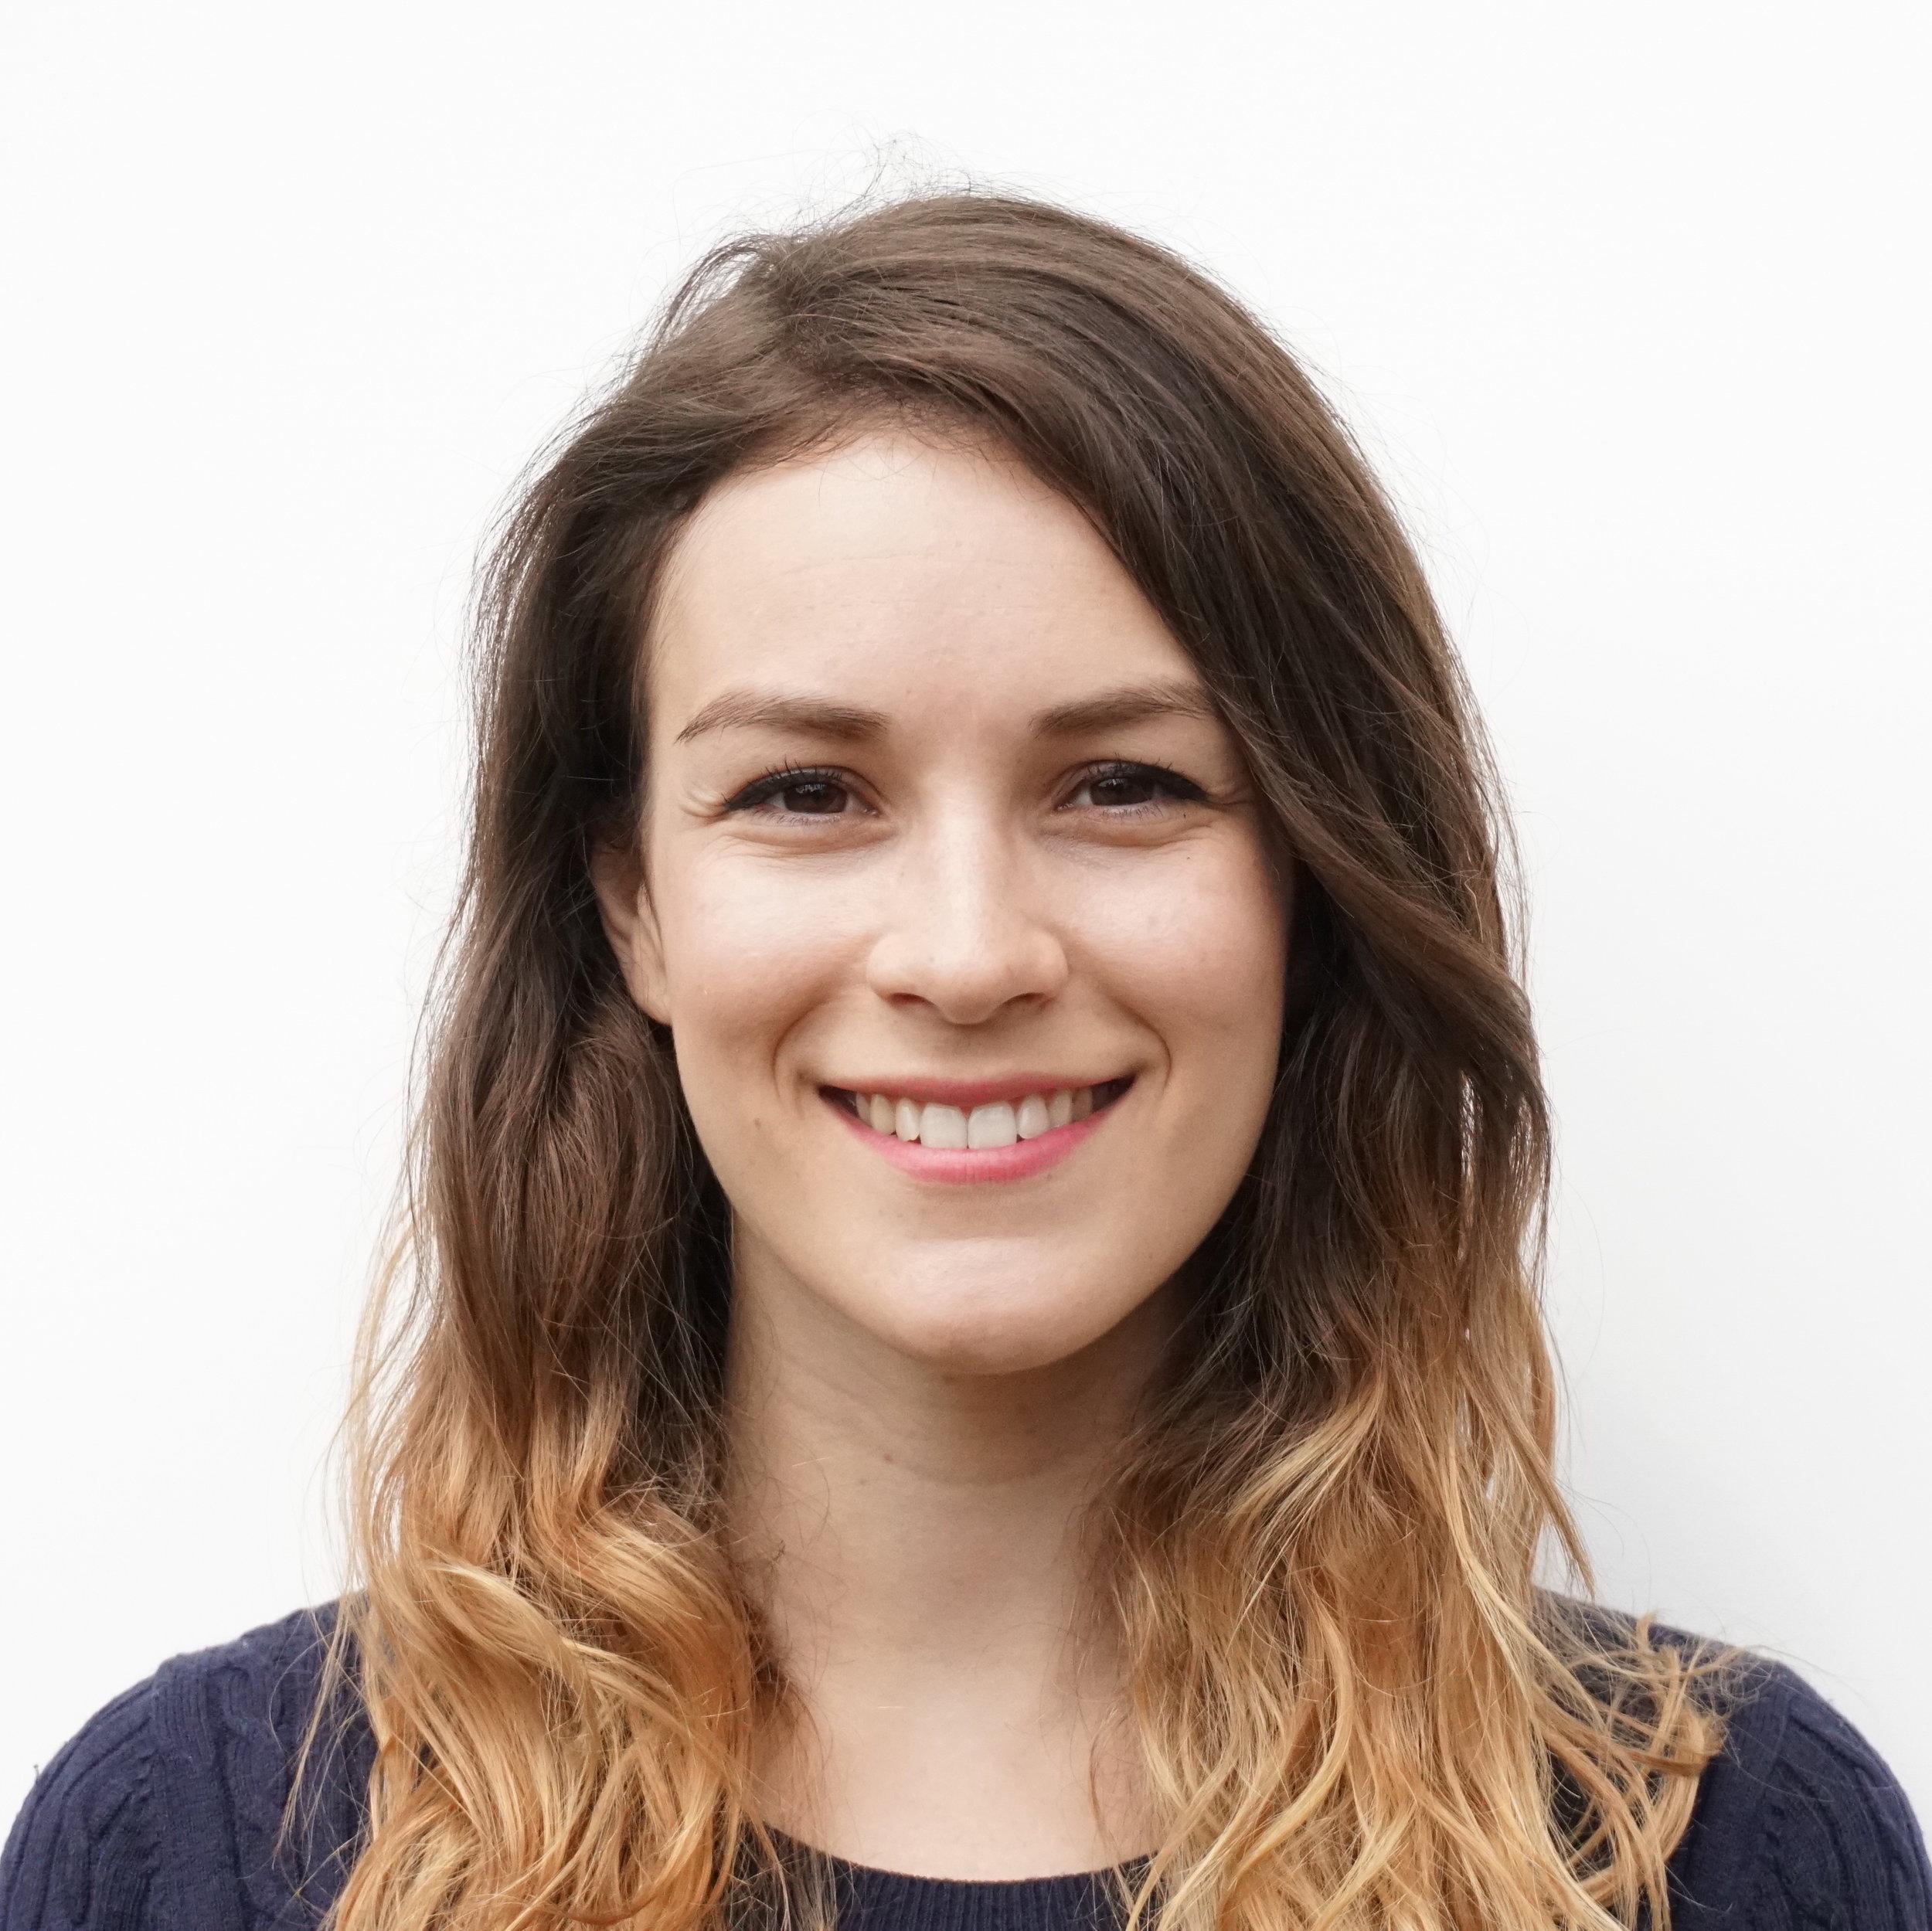 Amélie Drouet - journalist